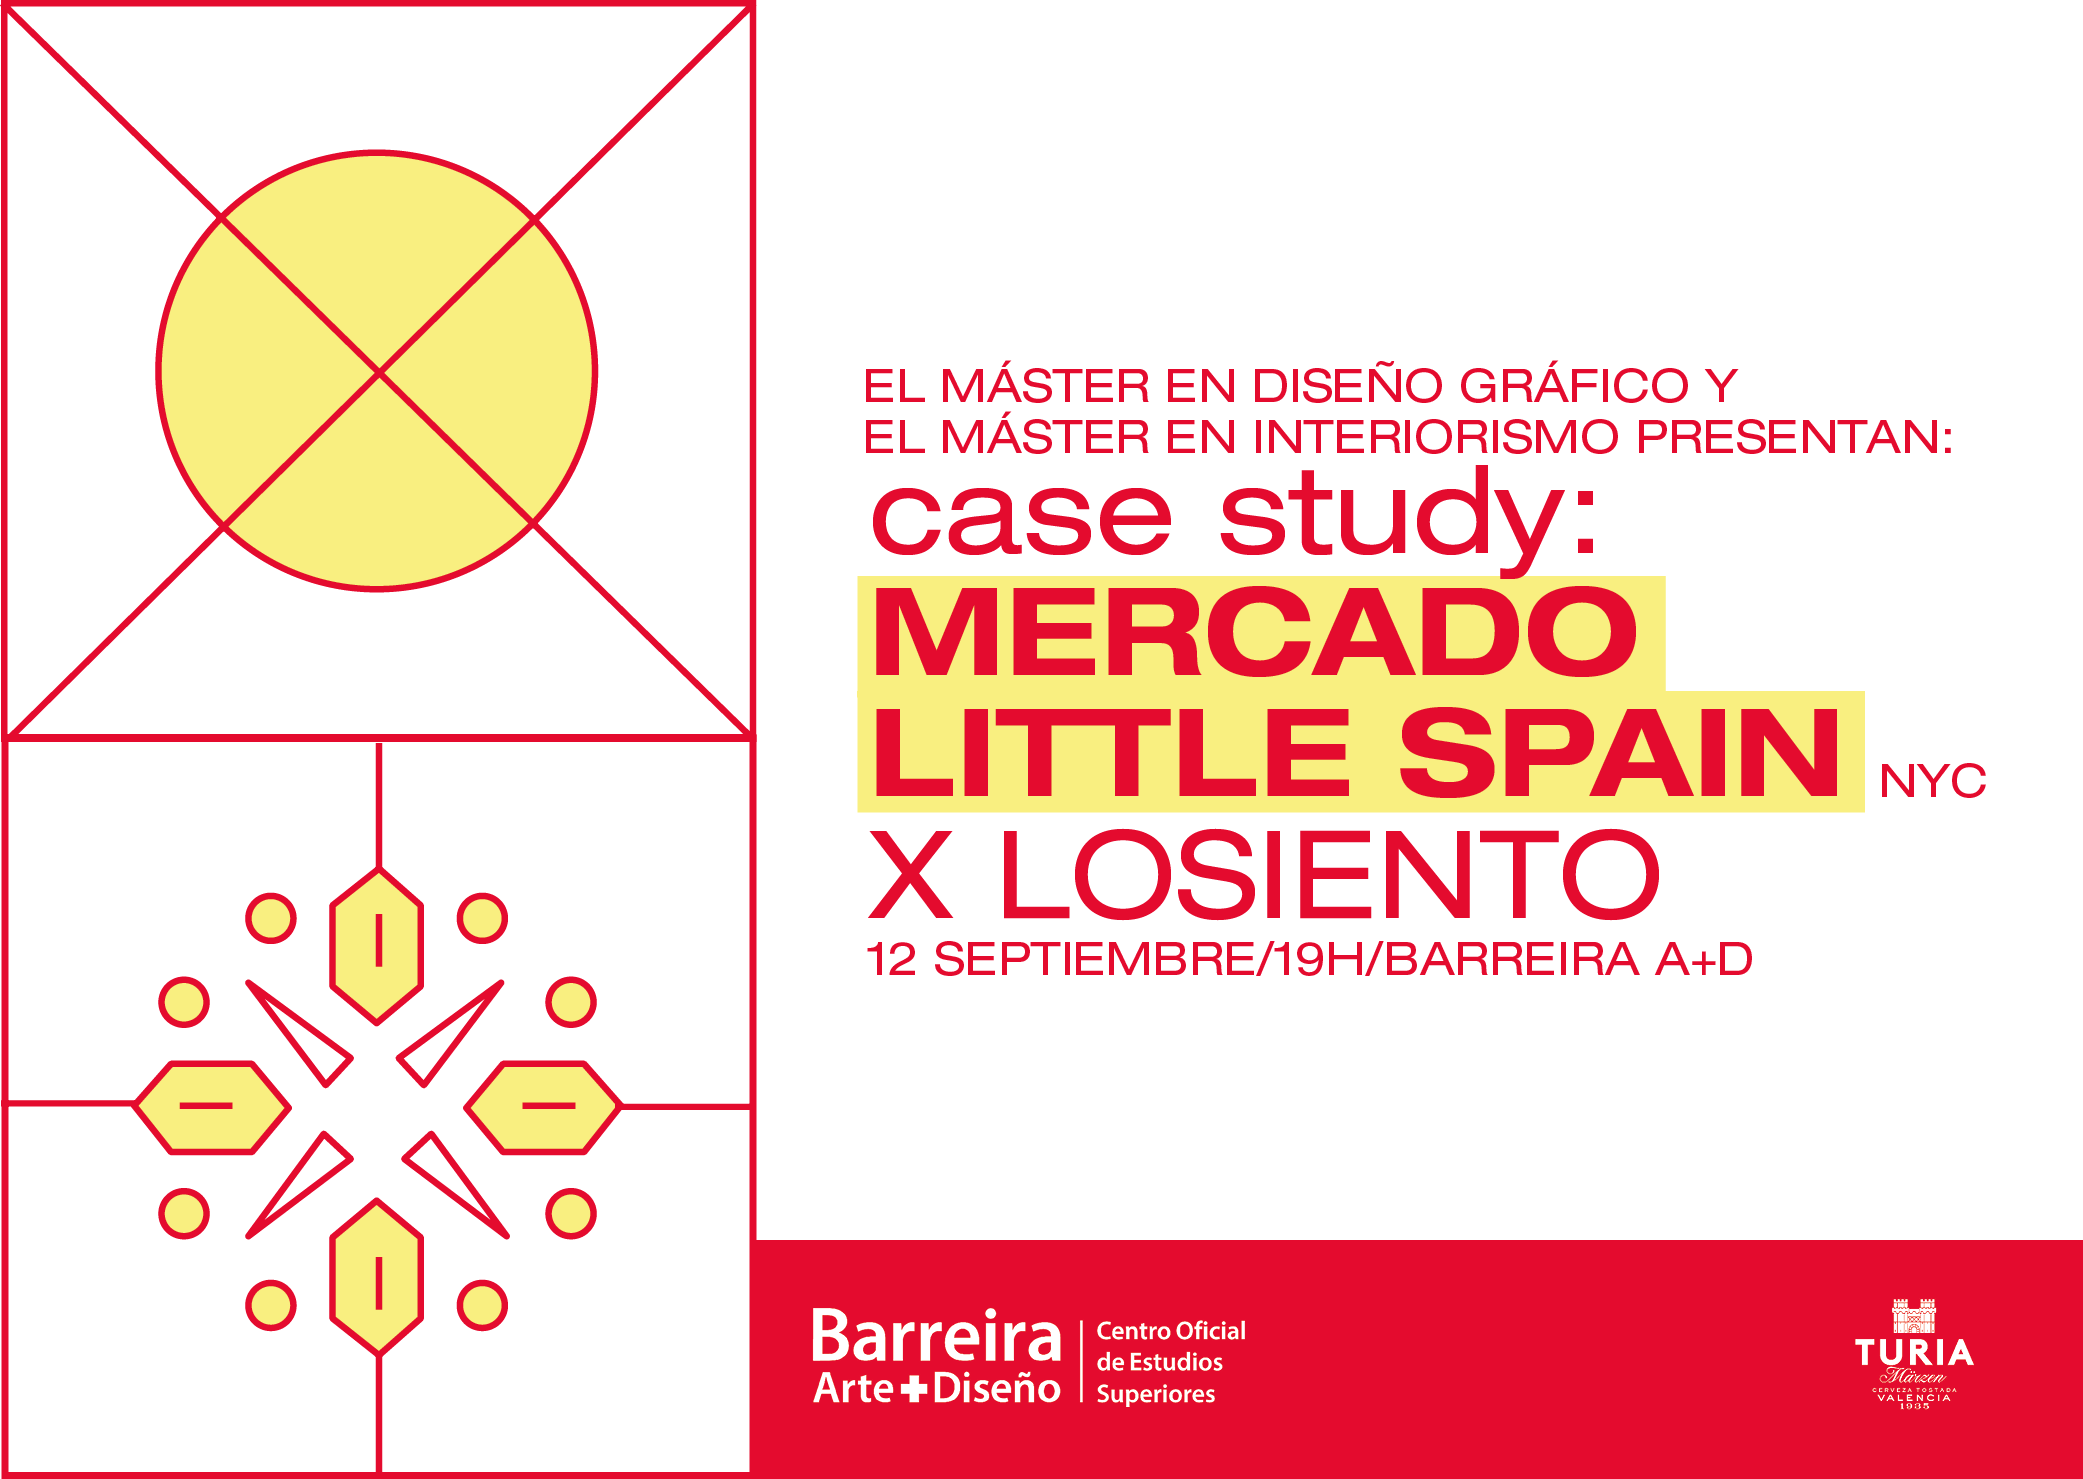 Lo Siento Studio y el Mercado Little Spain de NY en la presentación del Máster en Diseño Gráfico y el Máster de Interiorismo de Barreira A+D